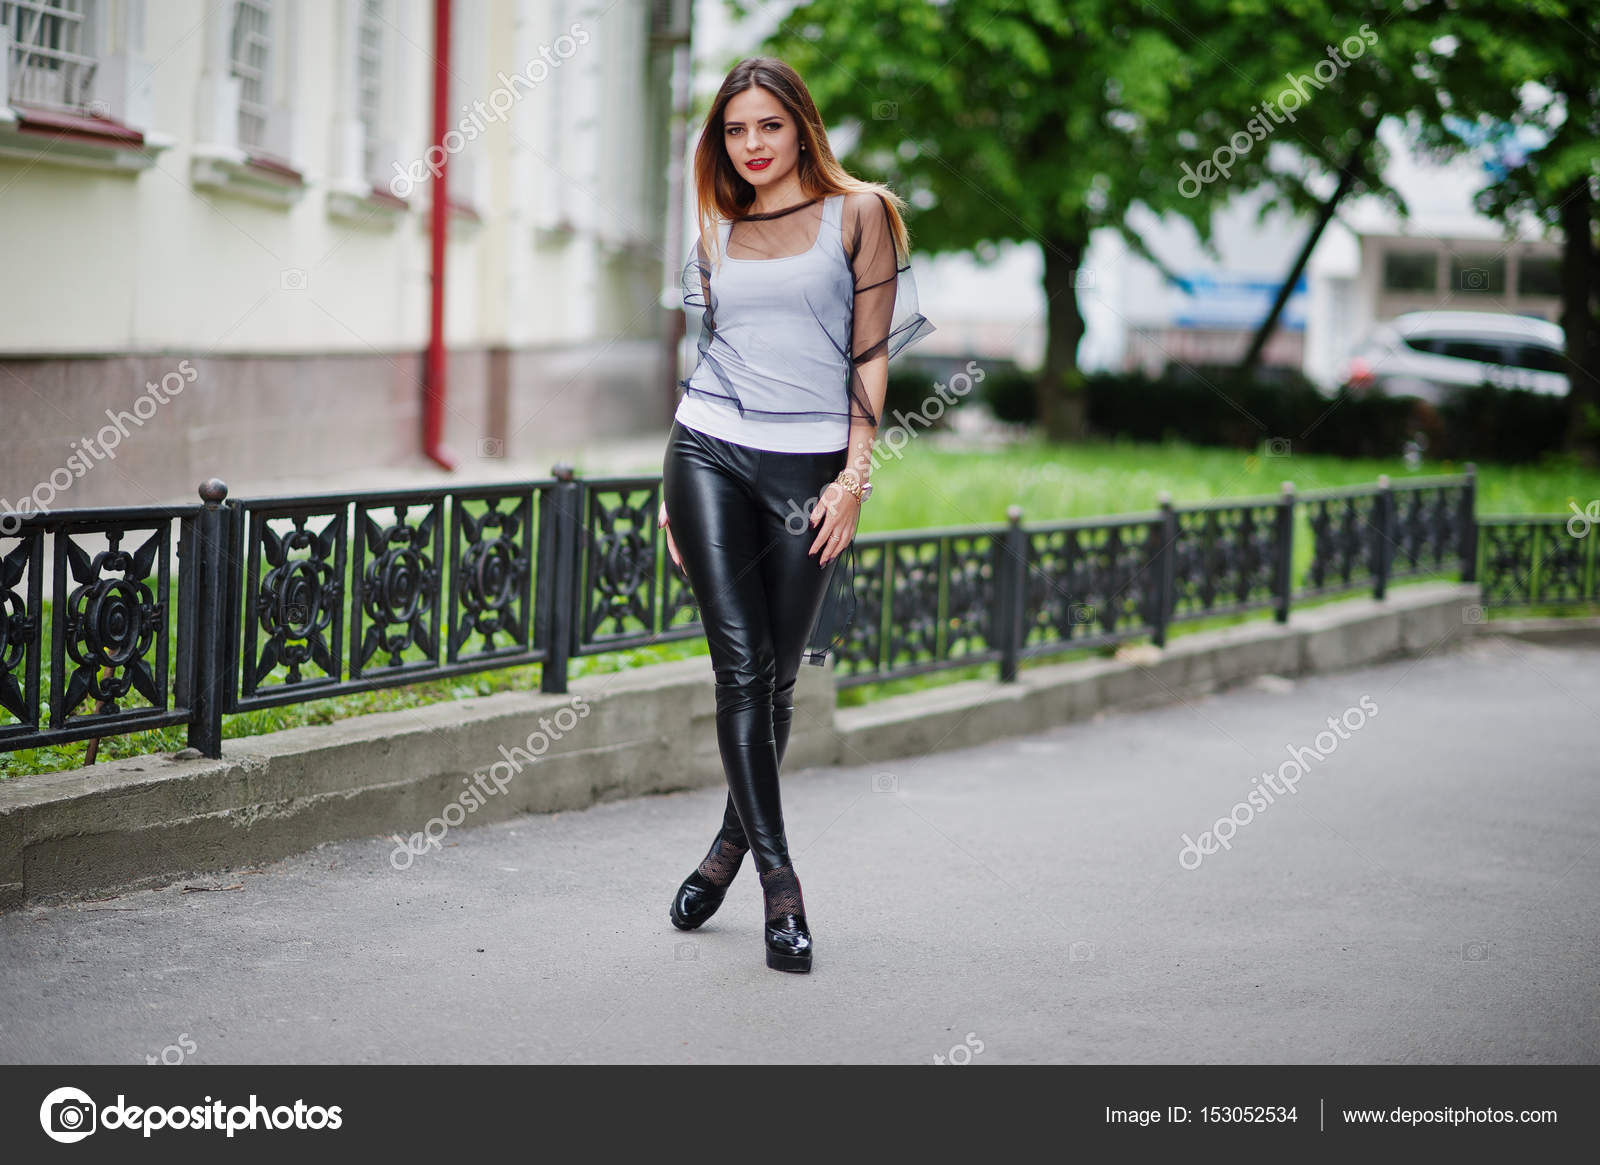 Сучки прозрачные штаны фото на улице